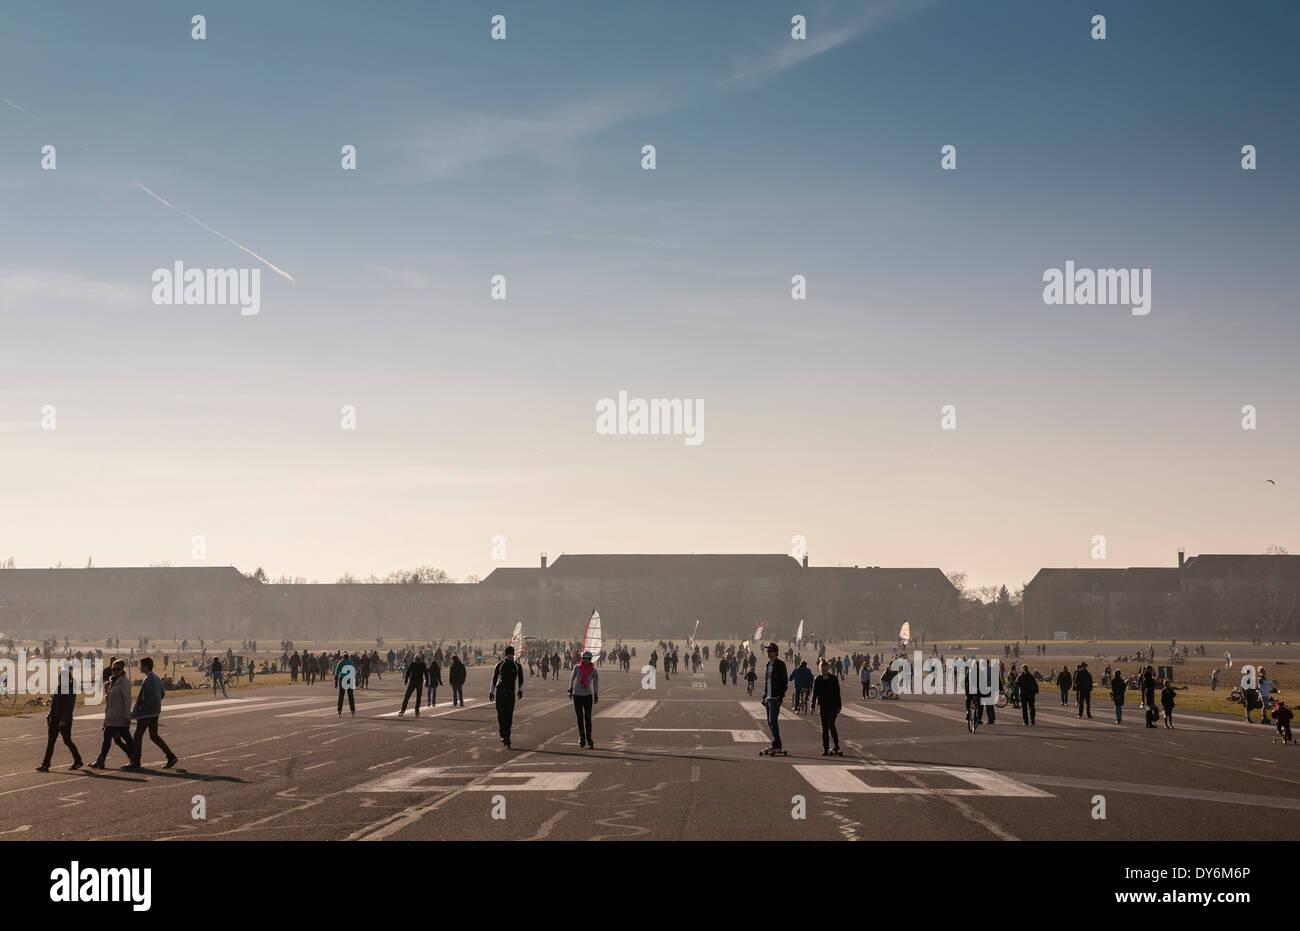 Tempelhof park at former Tempelhof Airport, Berlin, Germany - Stock Image